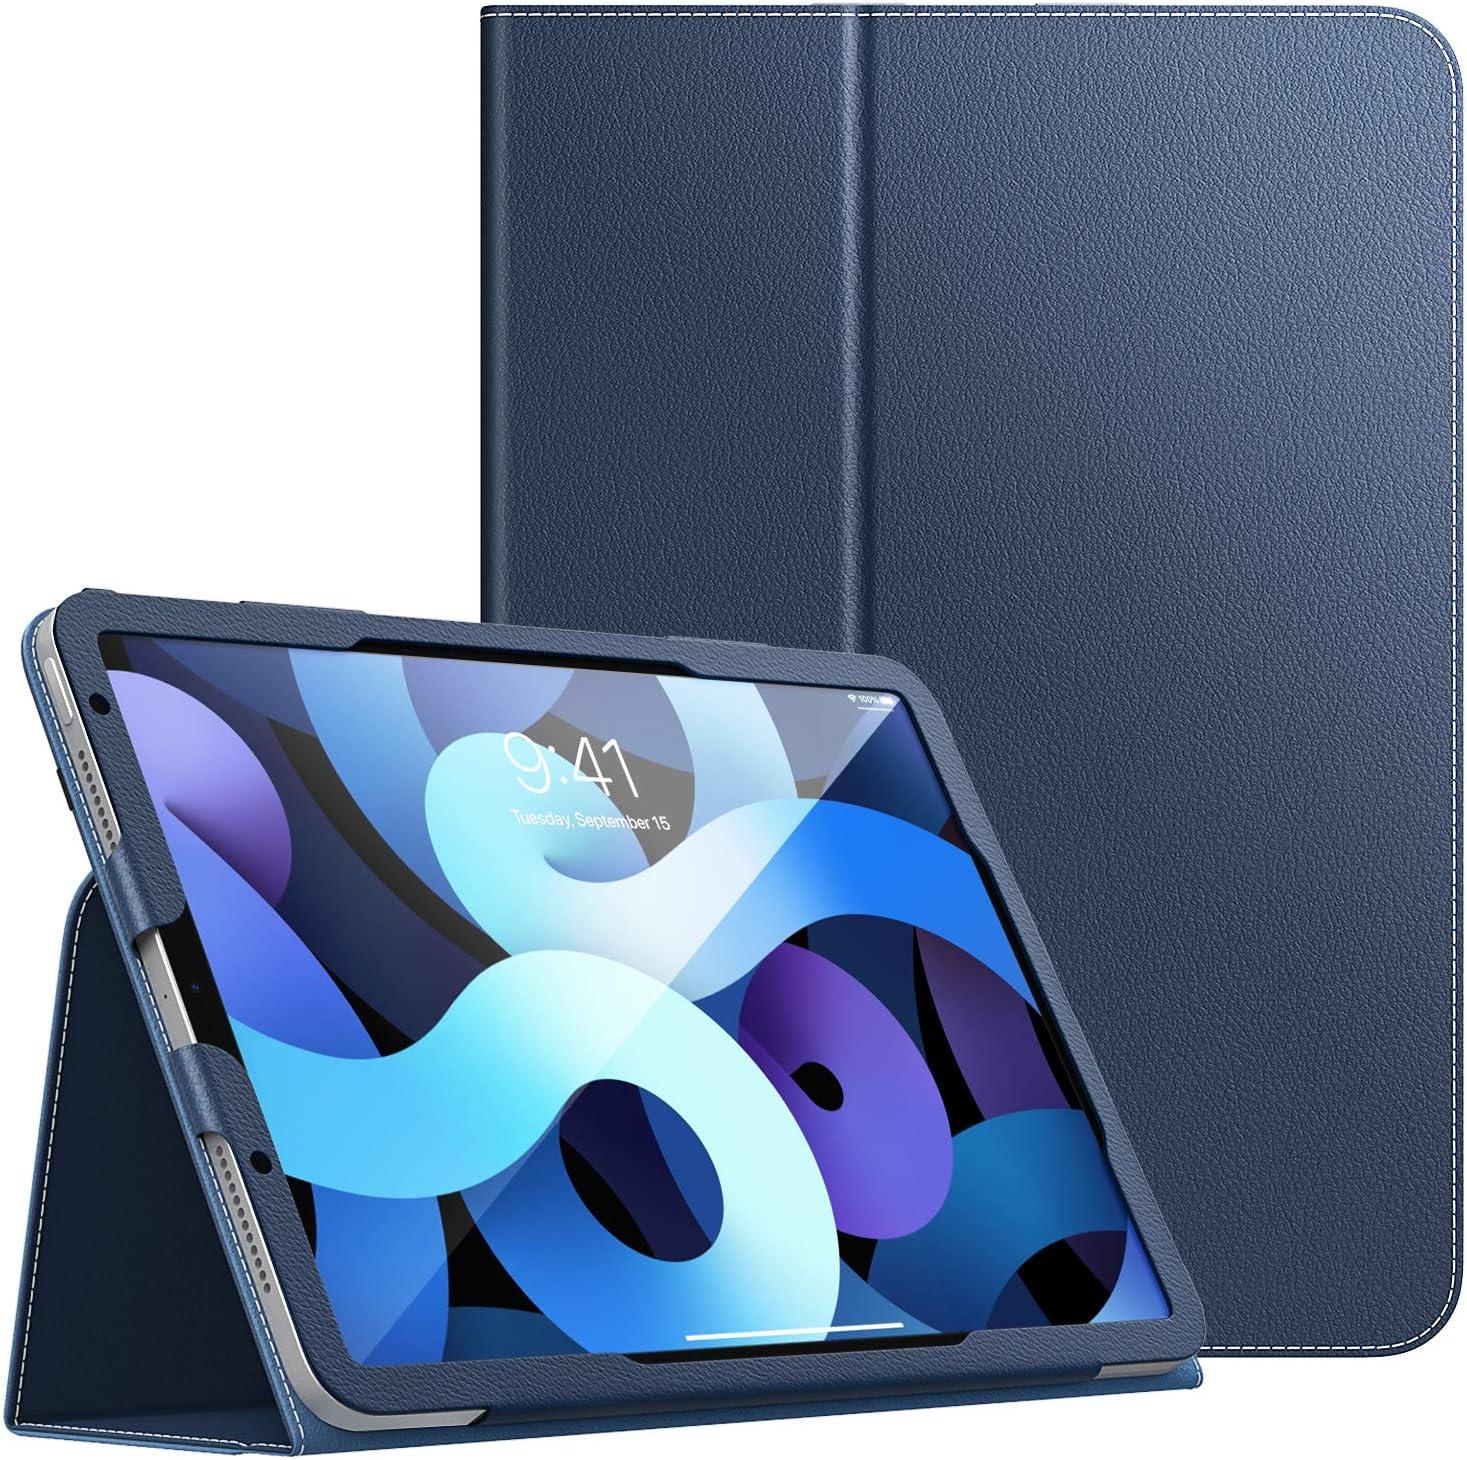 Dadanism Funda Compatible con iPad Air 4 Case iPad 10.9 2020, Suave Protector de PU Cuero con Cierre Magnético Case Cover con Soporte y Correa de Mano Auto-Sueño/Estela, Azul Marino